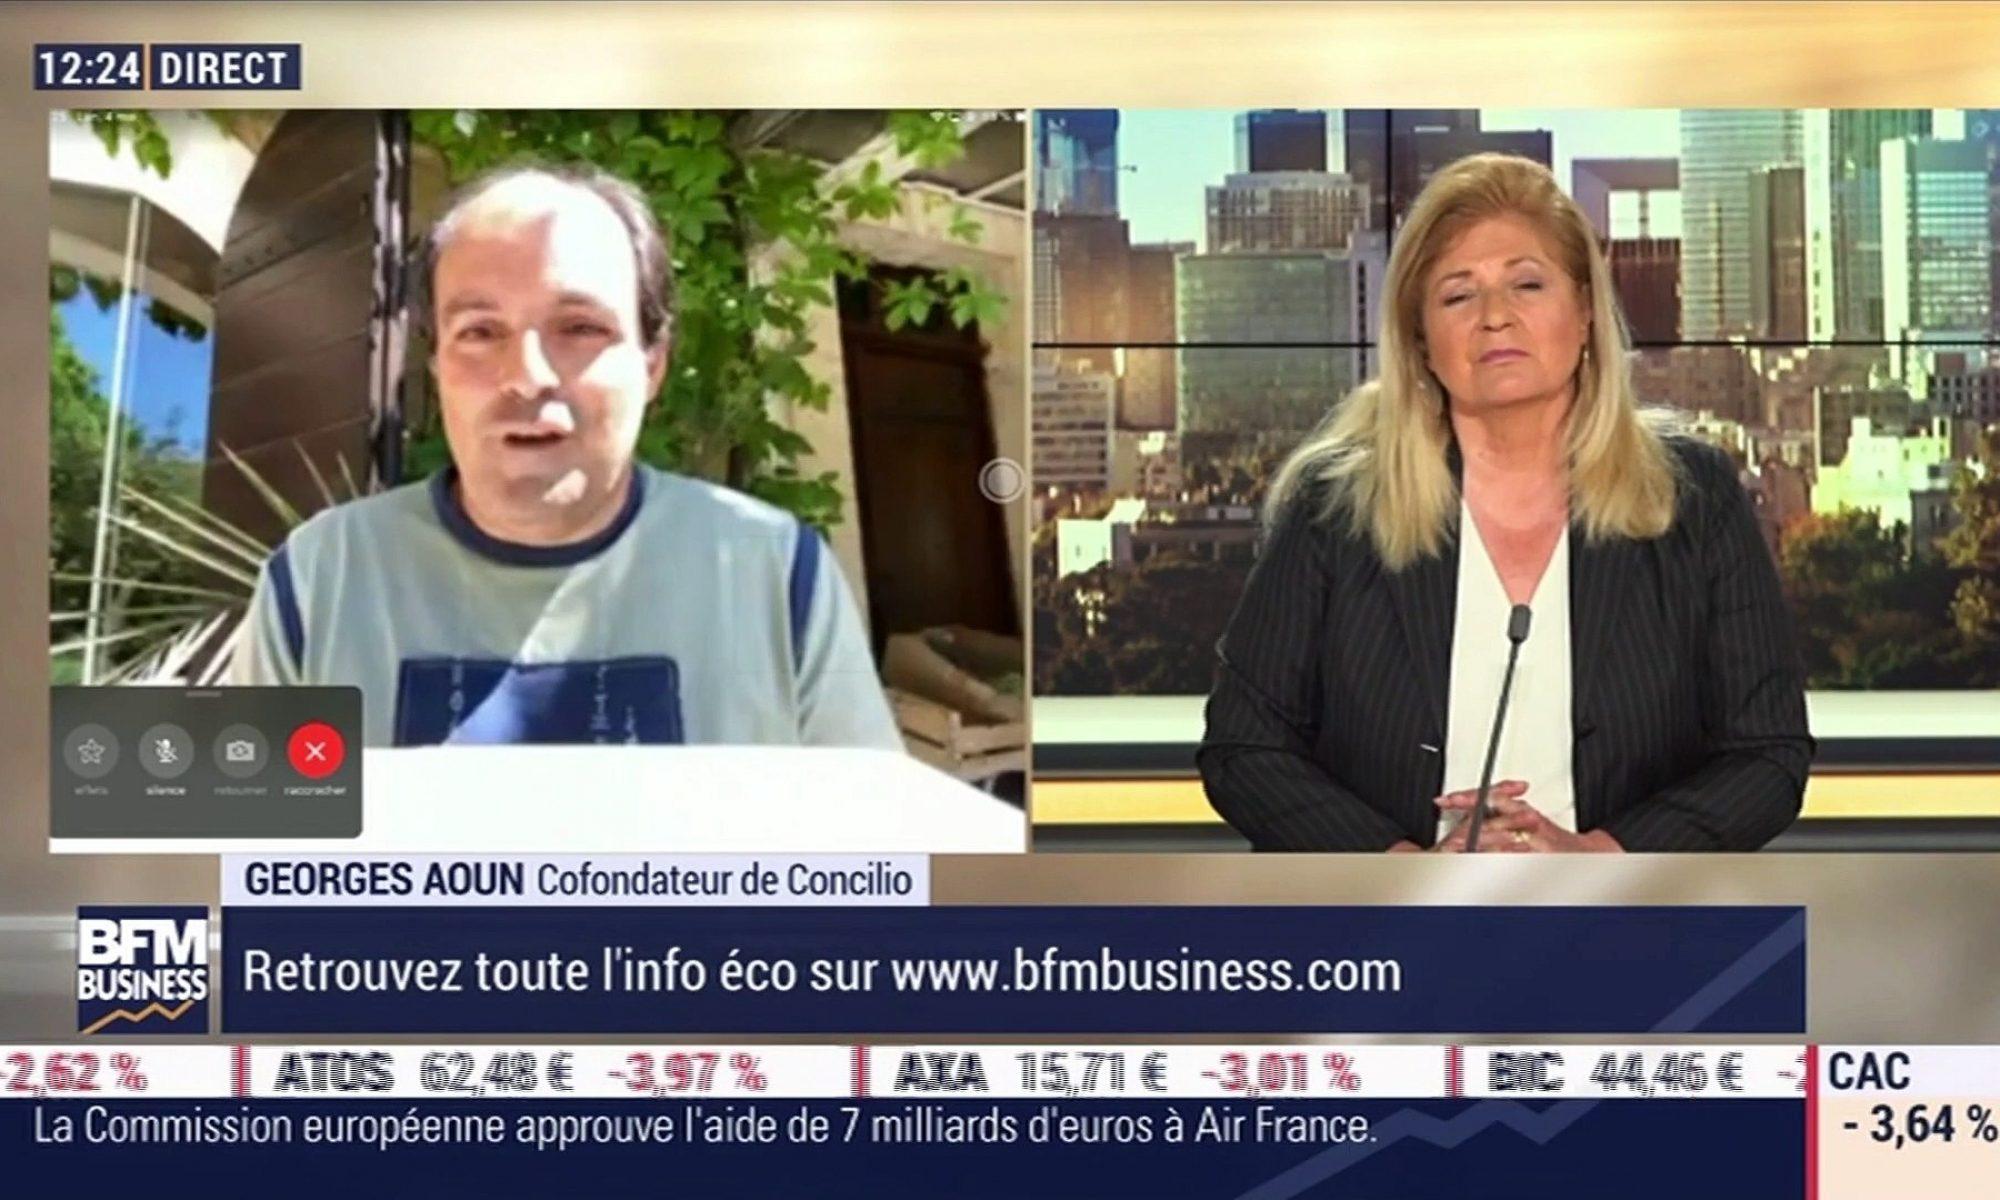 Georges Aoun en interview sur BFM Business : Covid-19 et impact de la santé sur l'actif des entreprises...